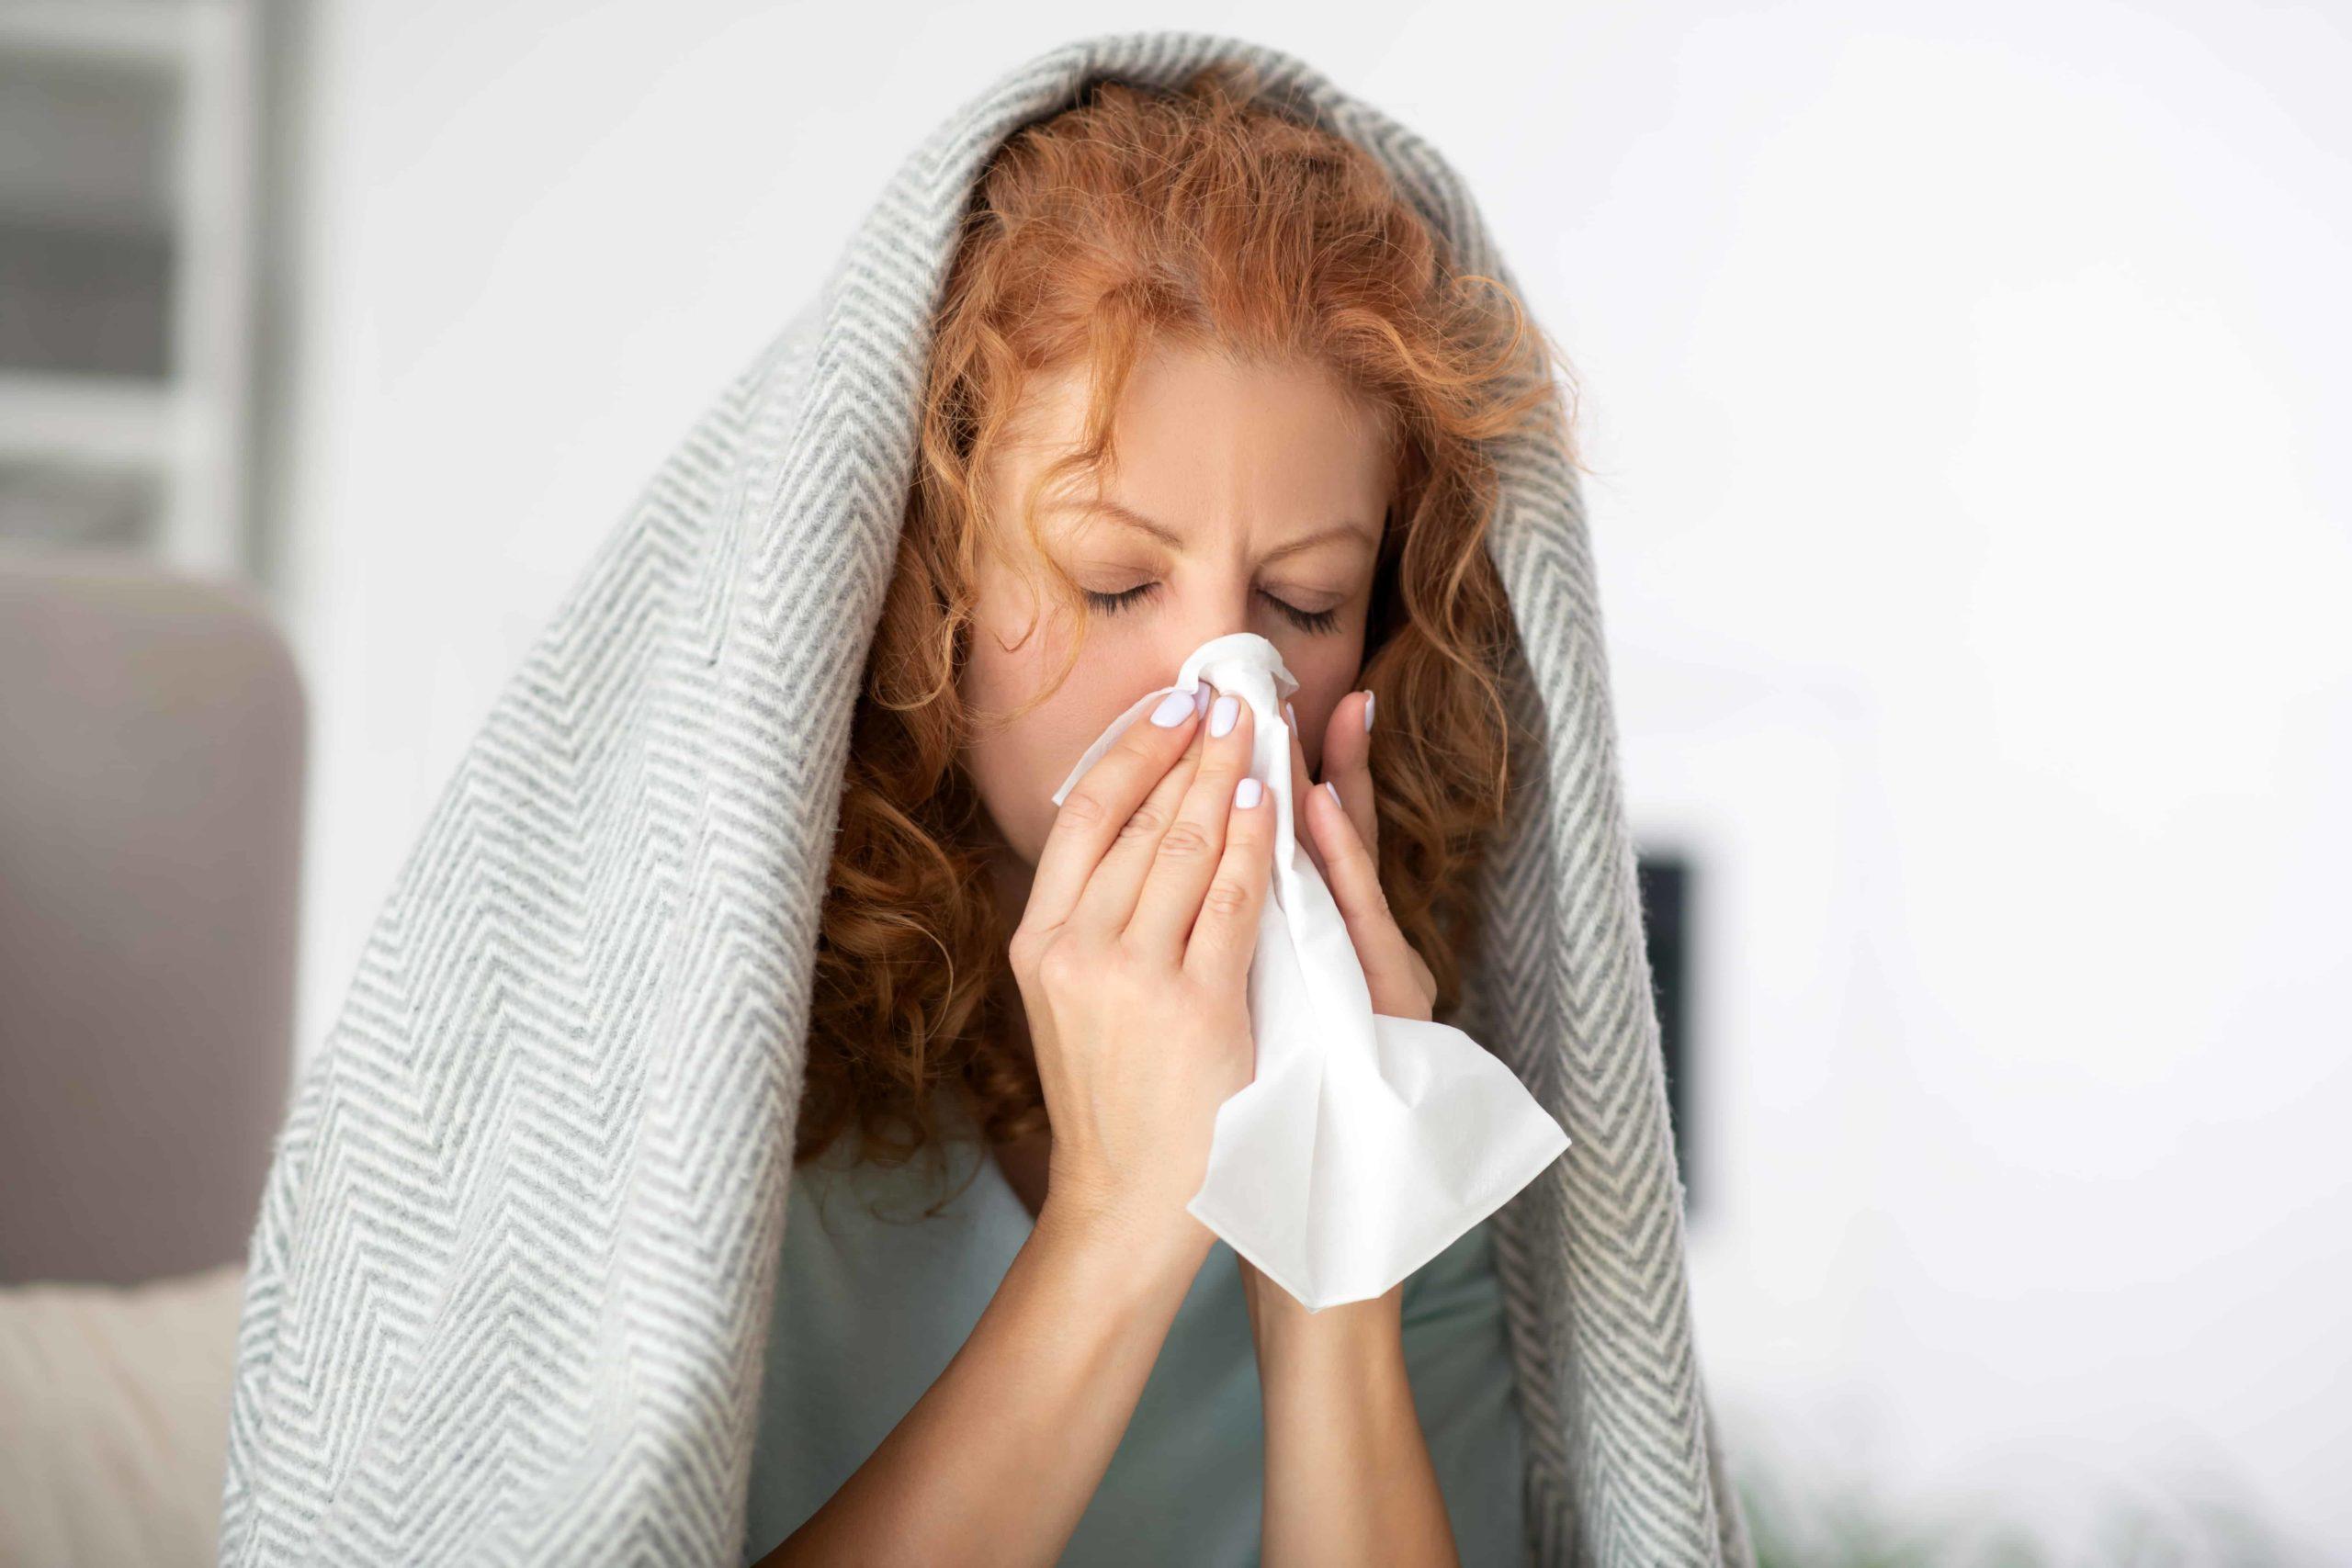 Слабый иммунитет. Почему он слабеет. Симптомы слабого иммунитета